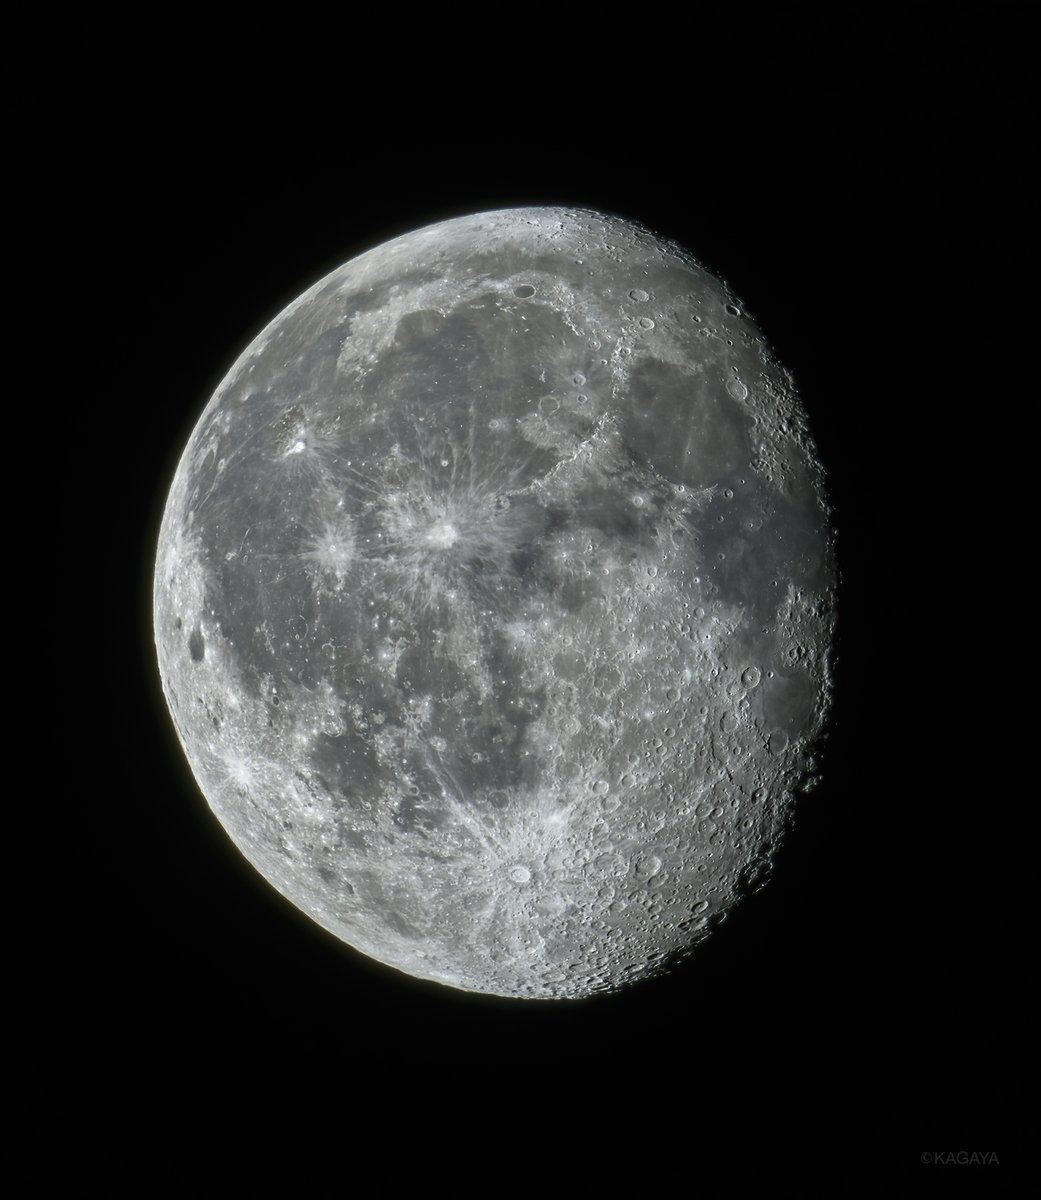 空をご覧ください。 東に寝待月(または臥待月)が昇りました。 (今、望遠鏡を使って撮影) 月が昇る時刻は日に日に遅くなり、月待ちの時間も長くなっていきます。 今日もお疲れさまでした。